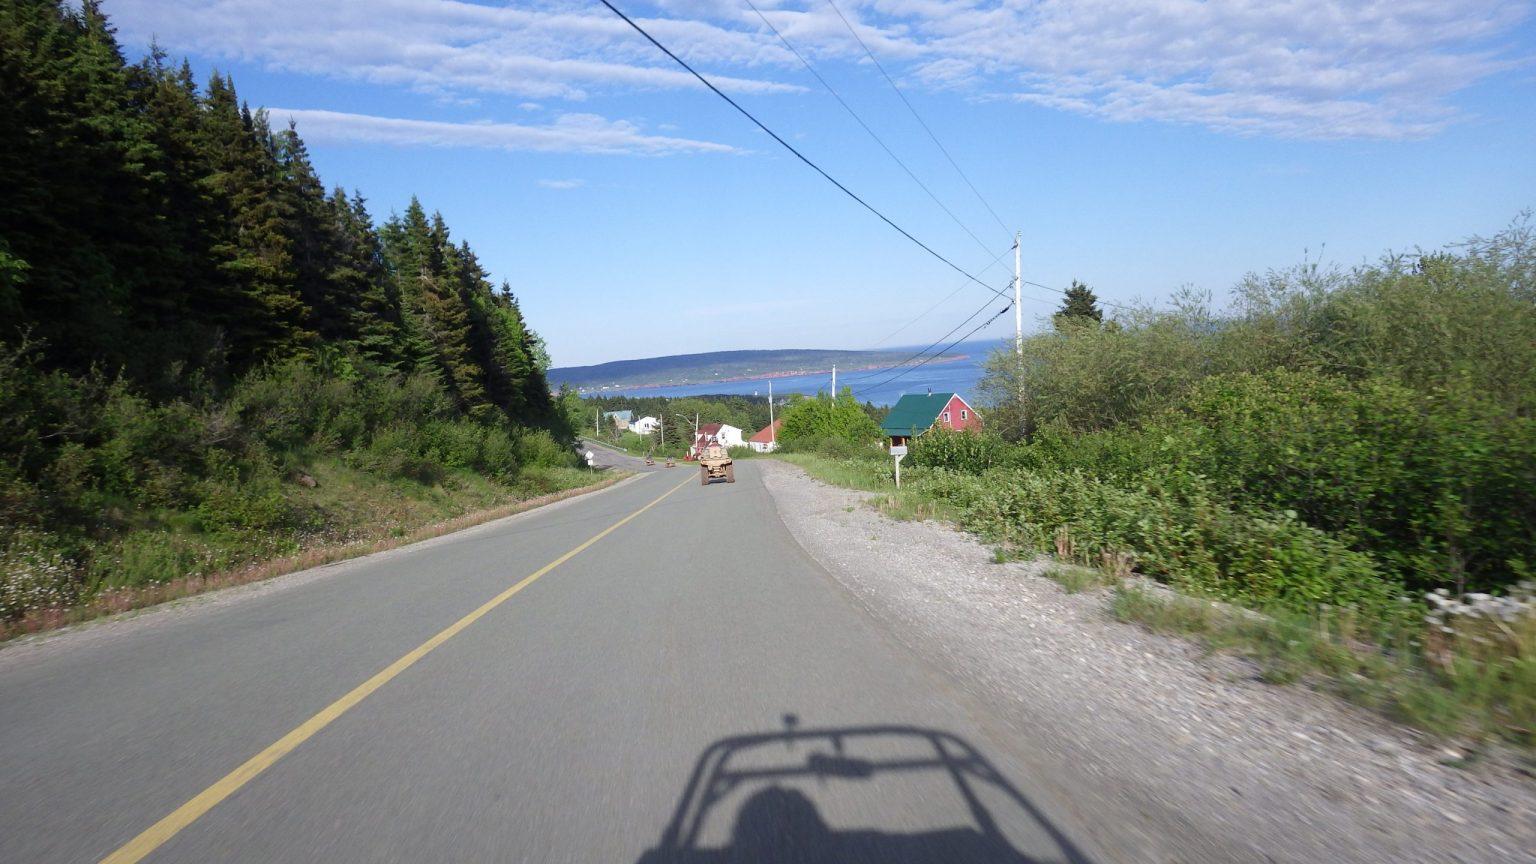 Quad sur les routes du Québec Quad sur les routes du Québec Quad sur les routes du Québec